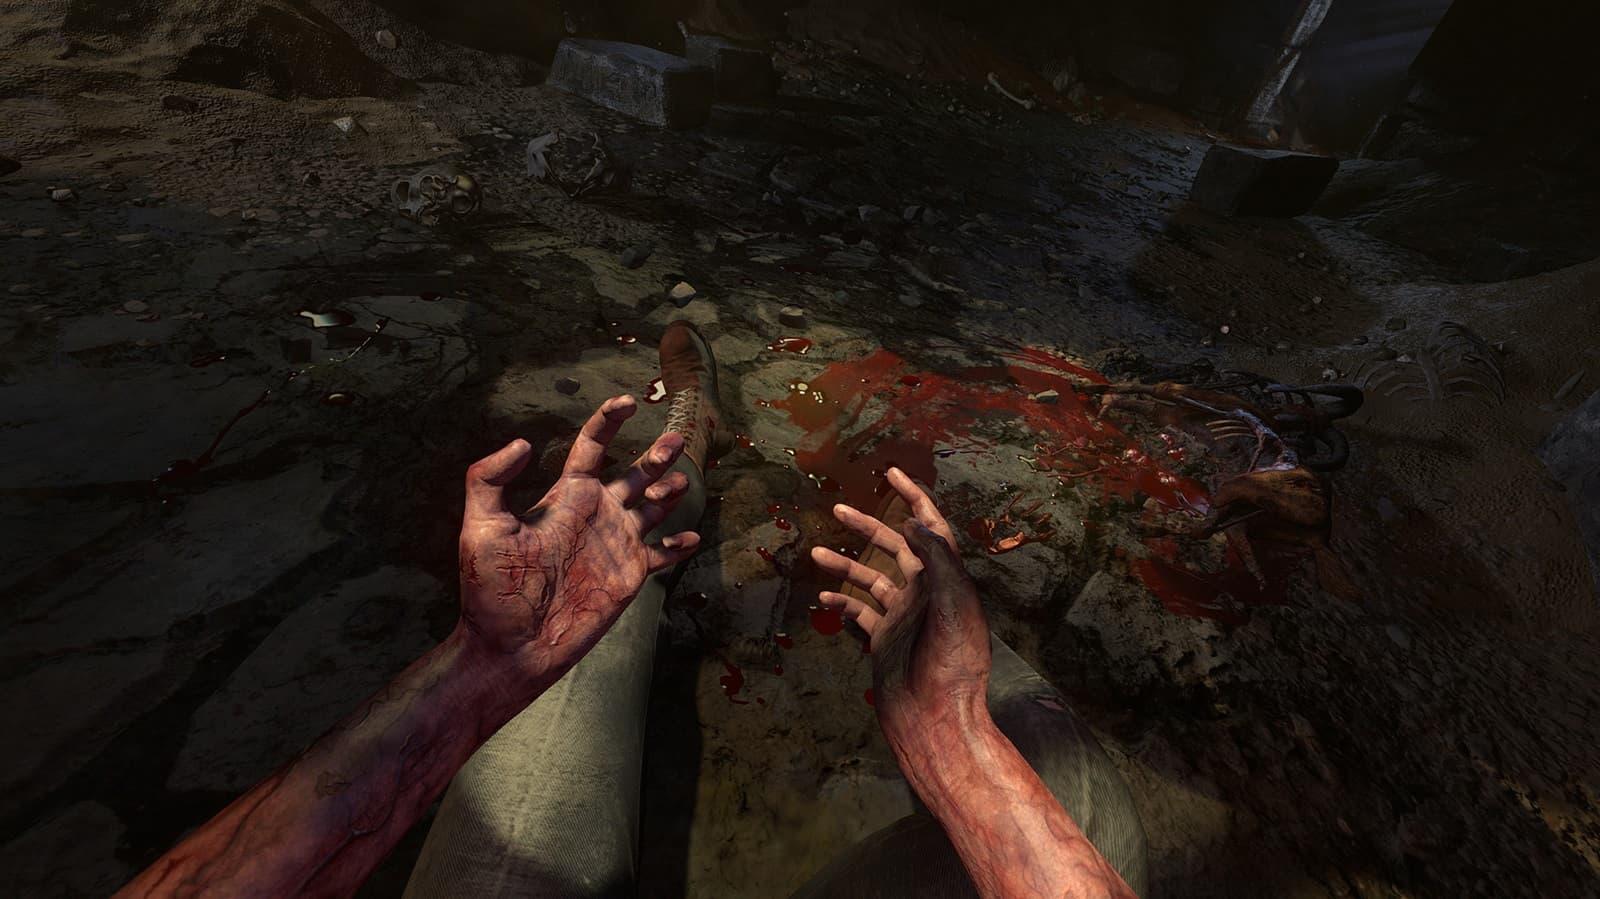 Рецензия на игру Amnesia: Rebirth - неплохой, но безнадёжно устаревший хоррор - 04